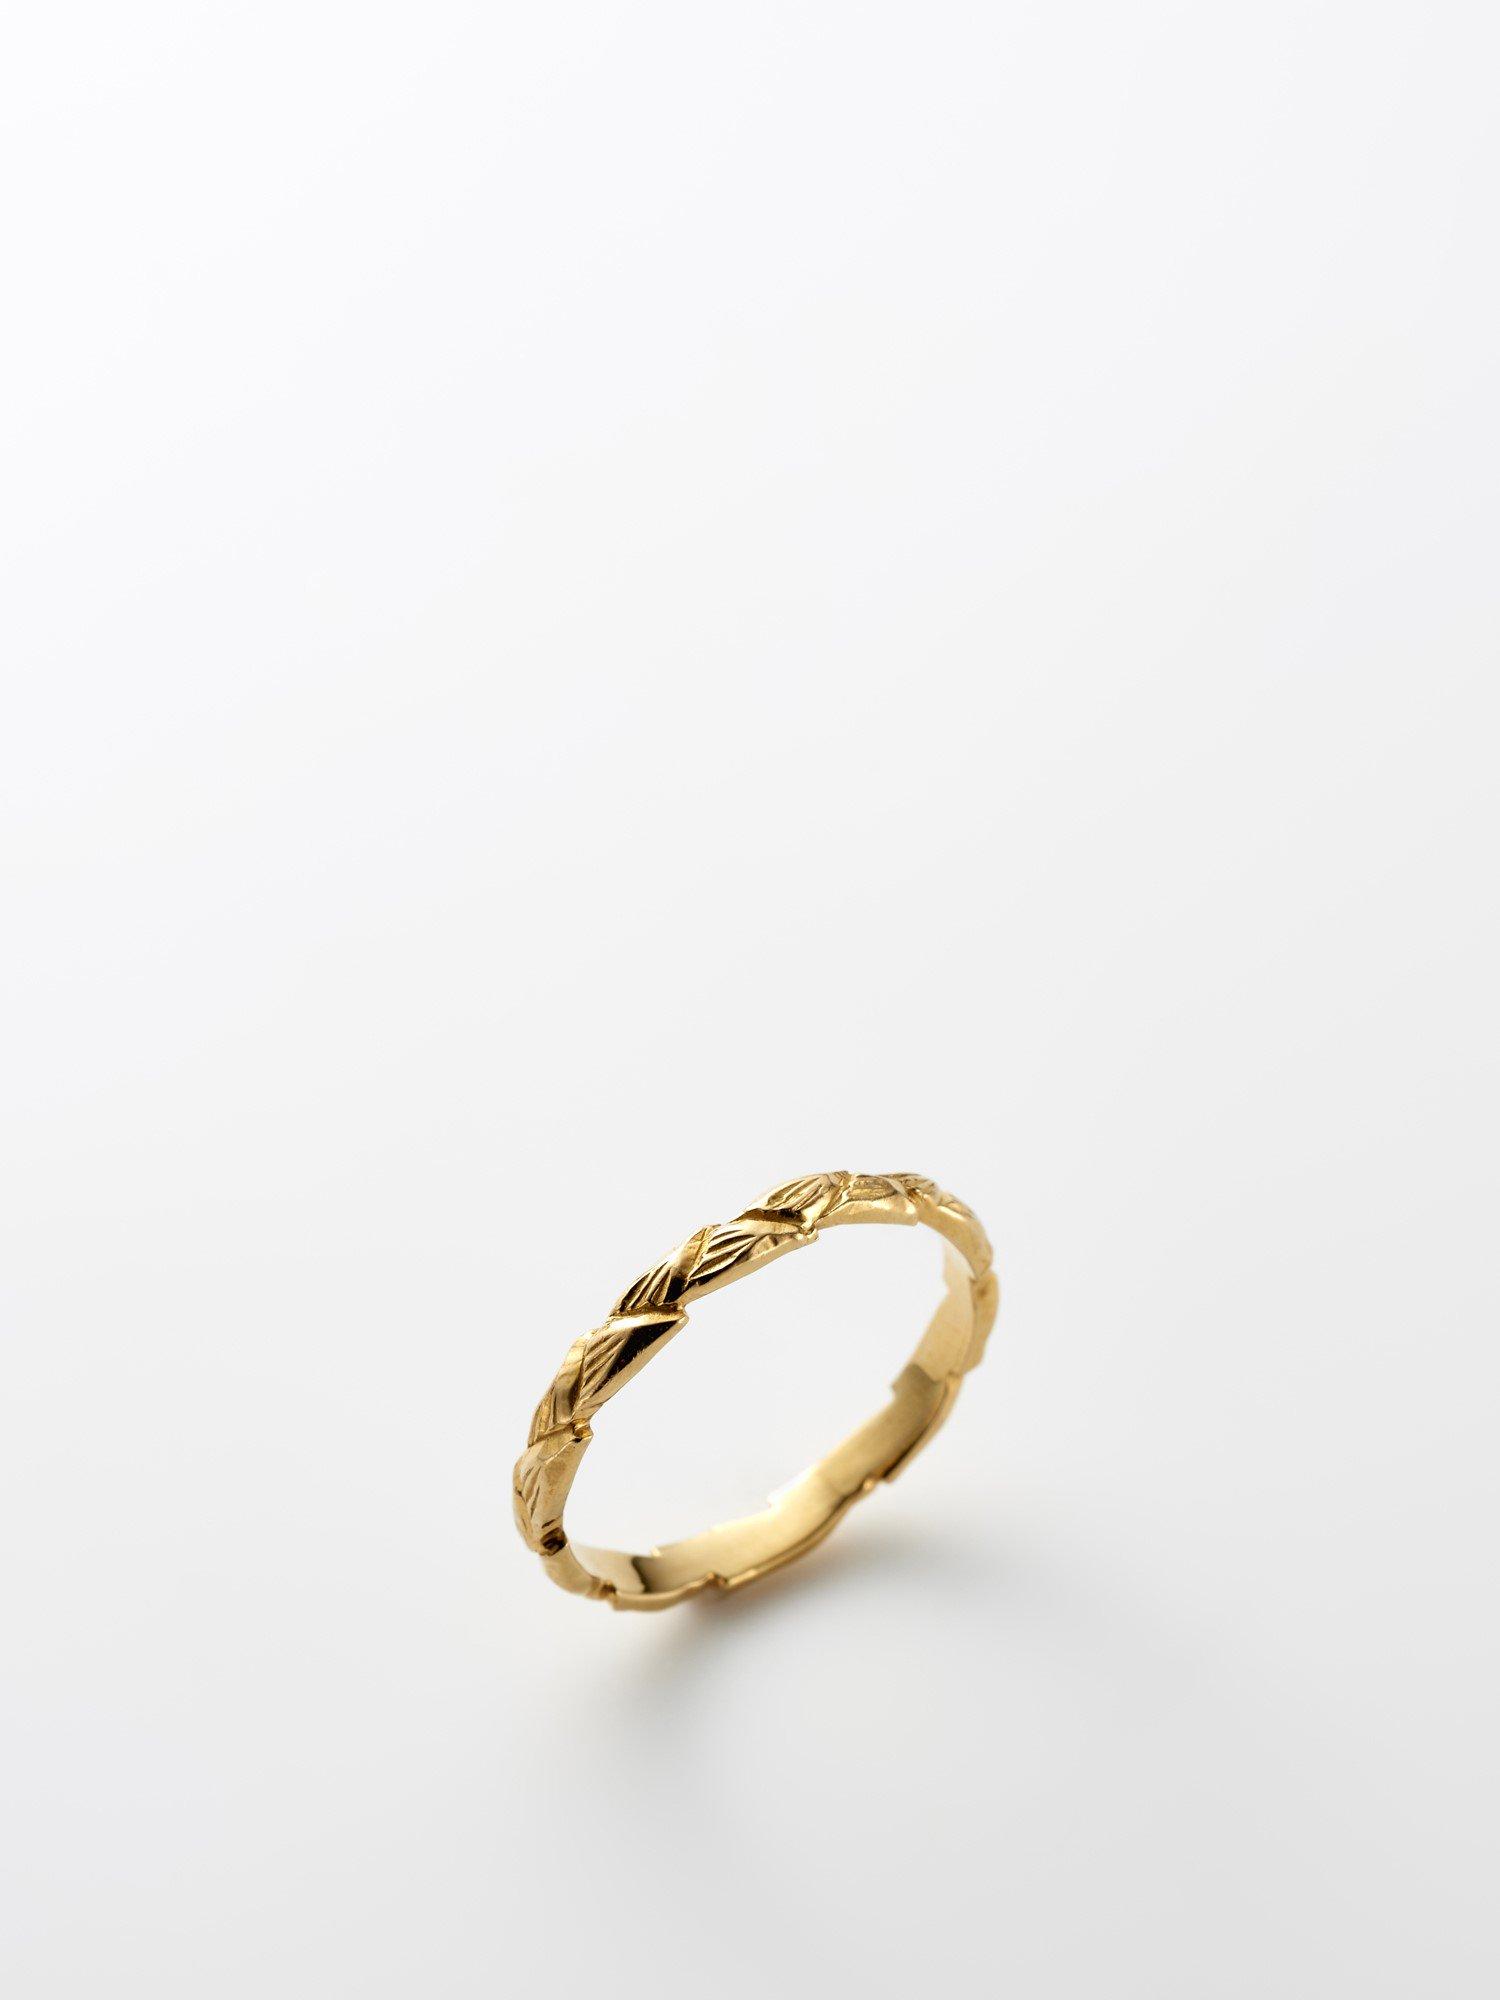 HISPANIA / Daphne ring  / 9号 / 在庫商品